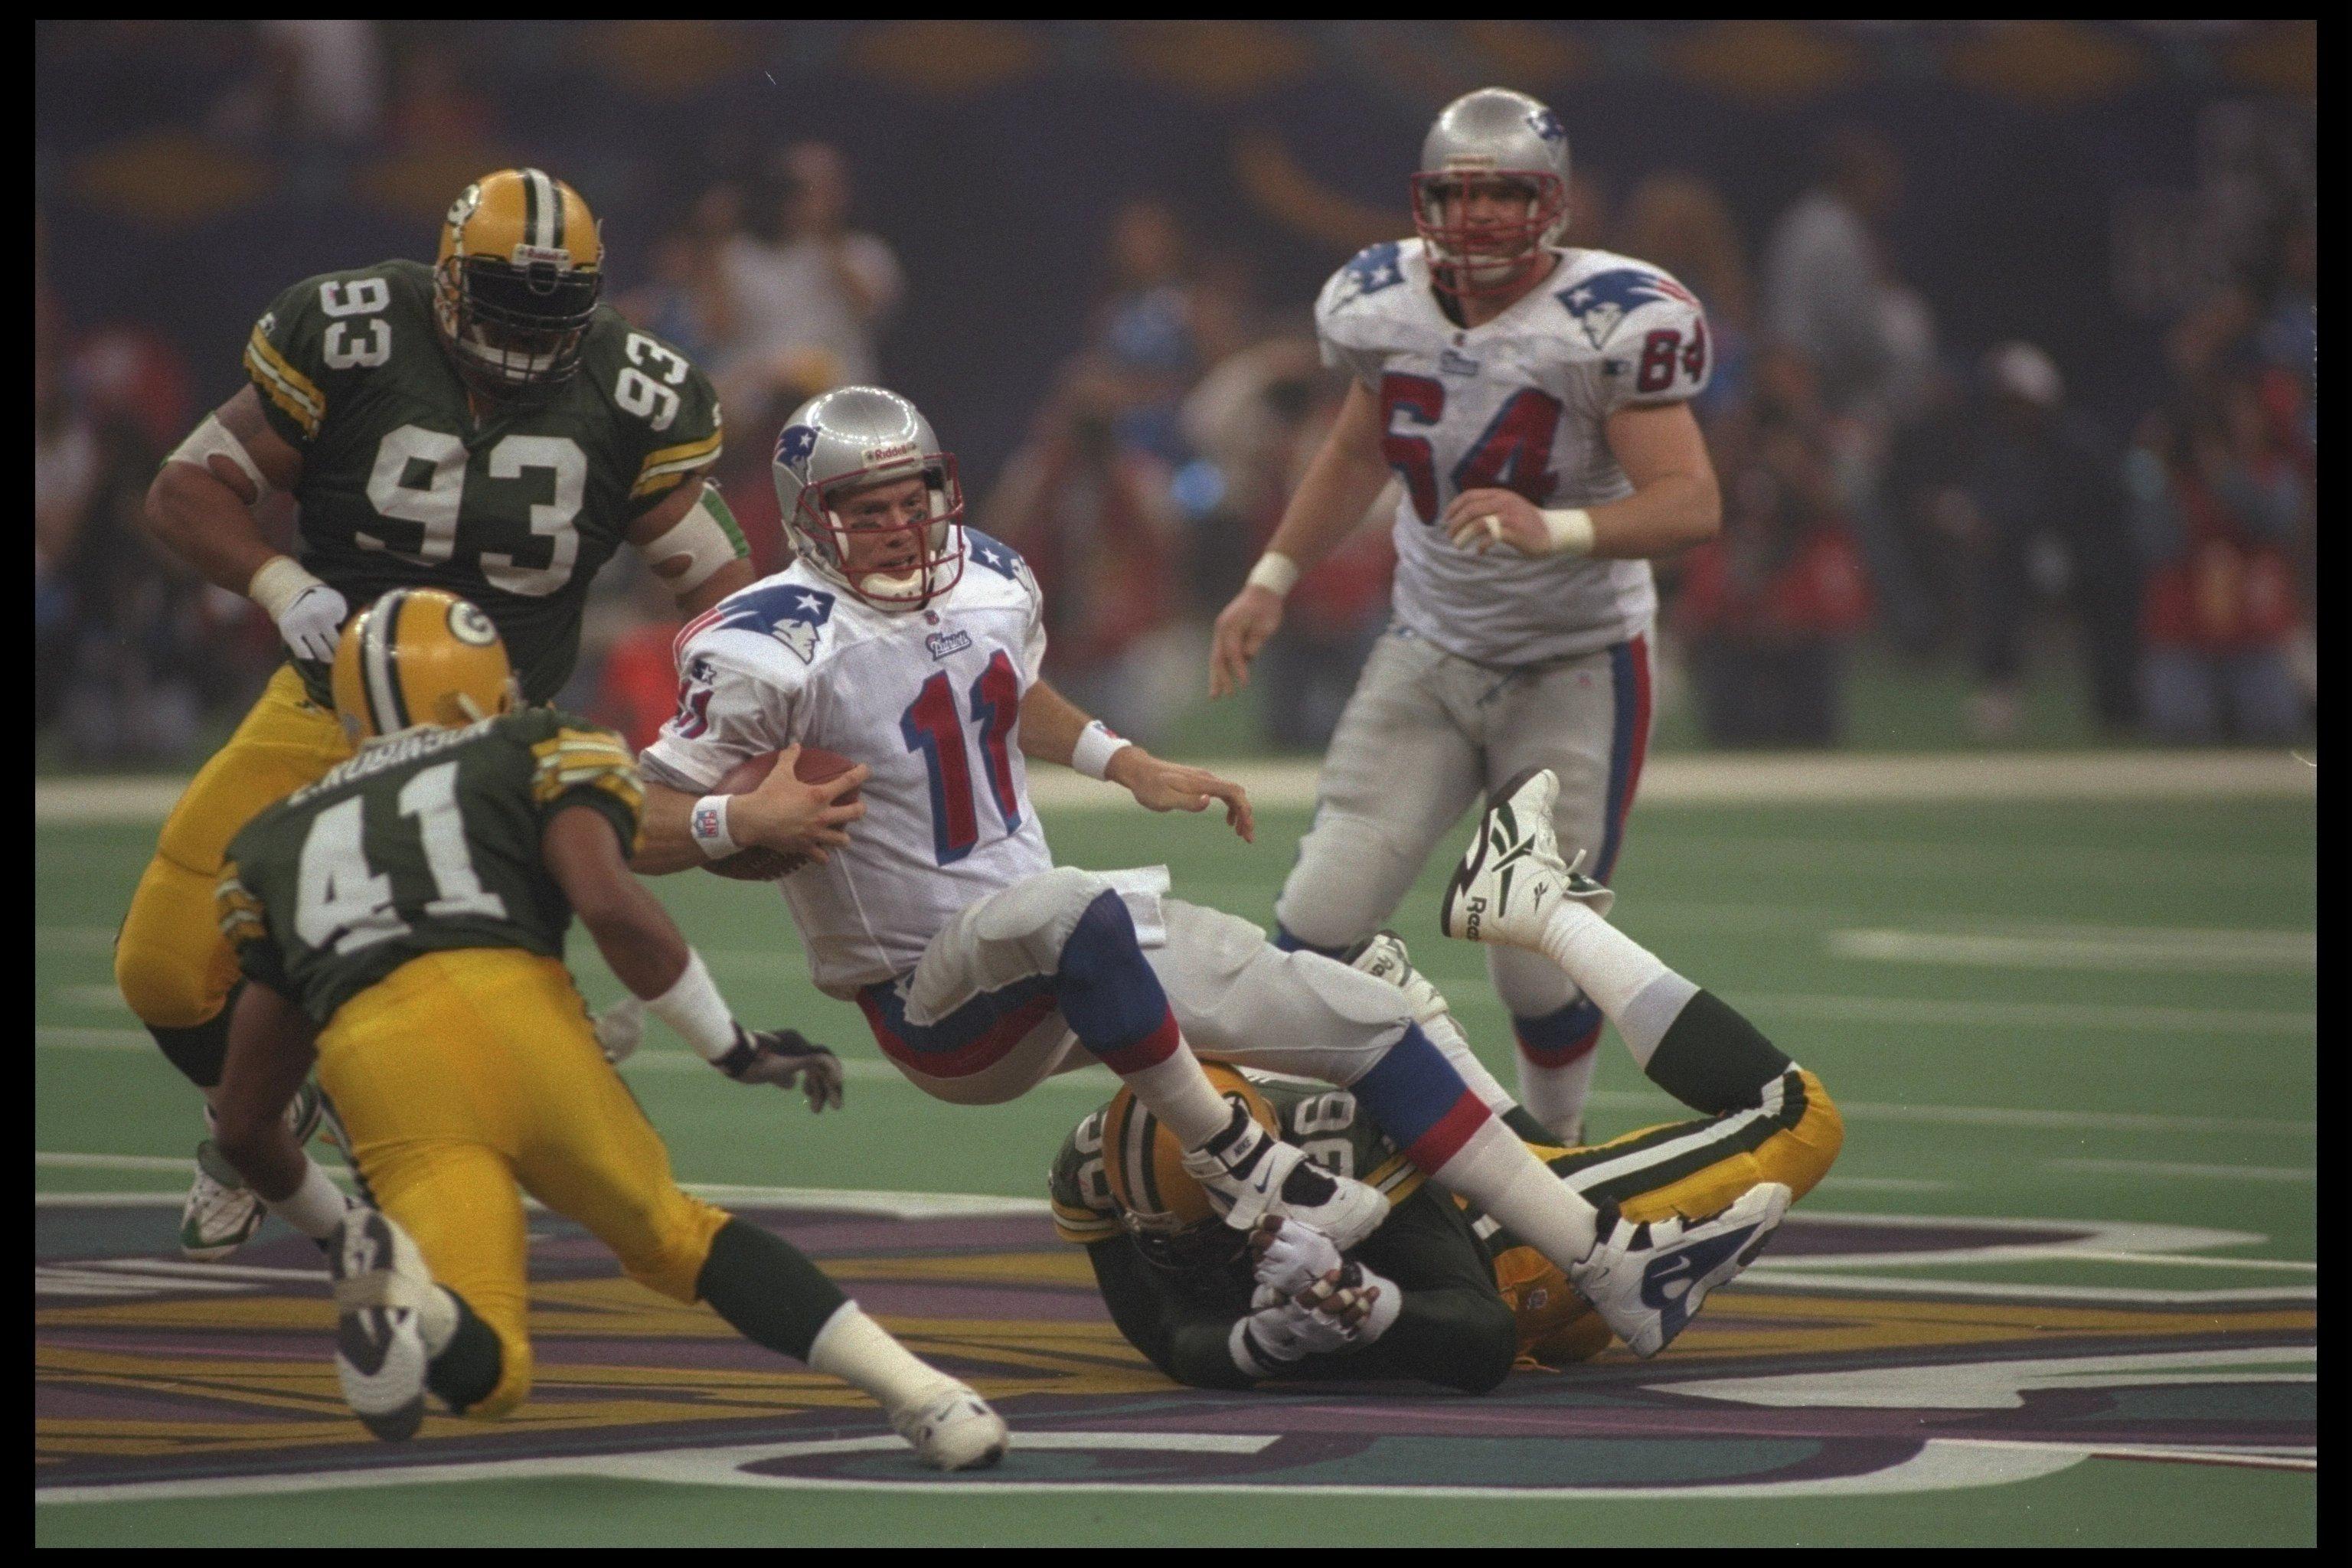 Super Bowl Bledsoe sacked